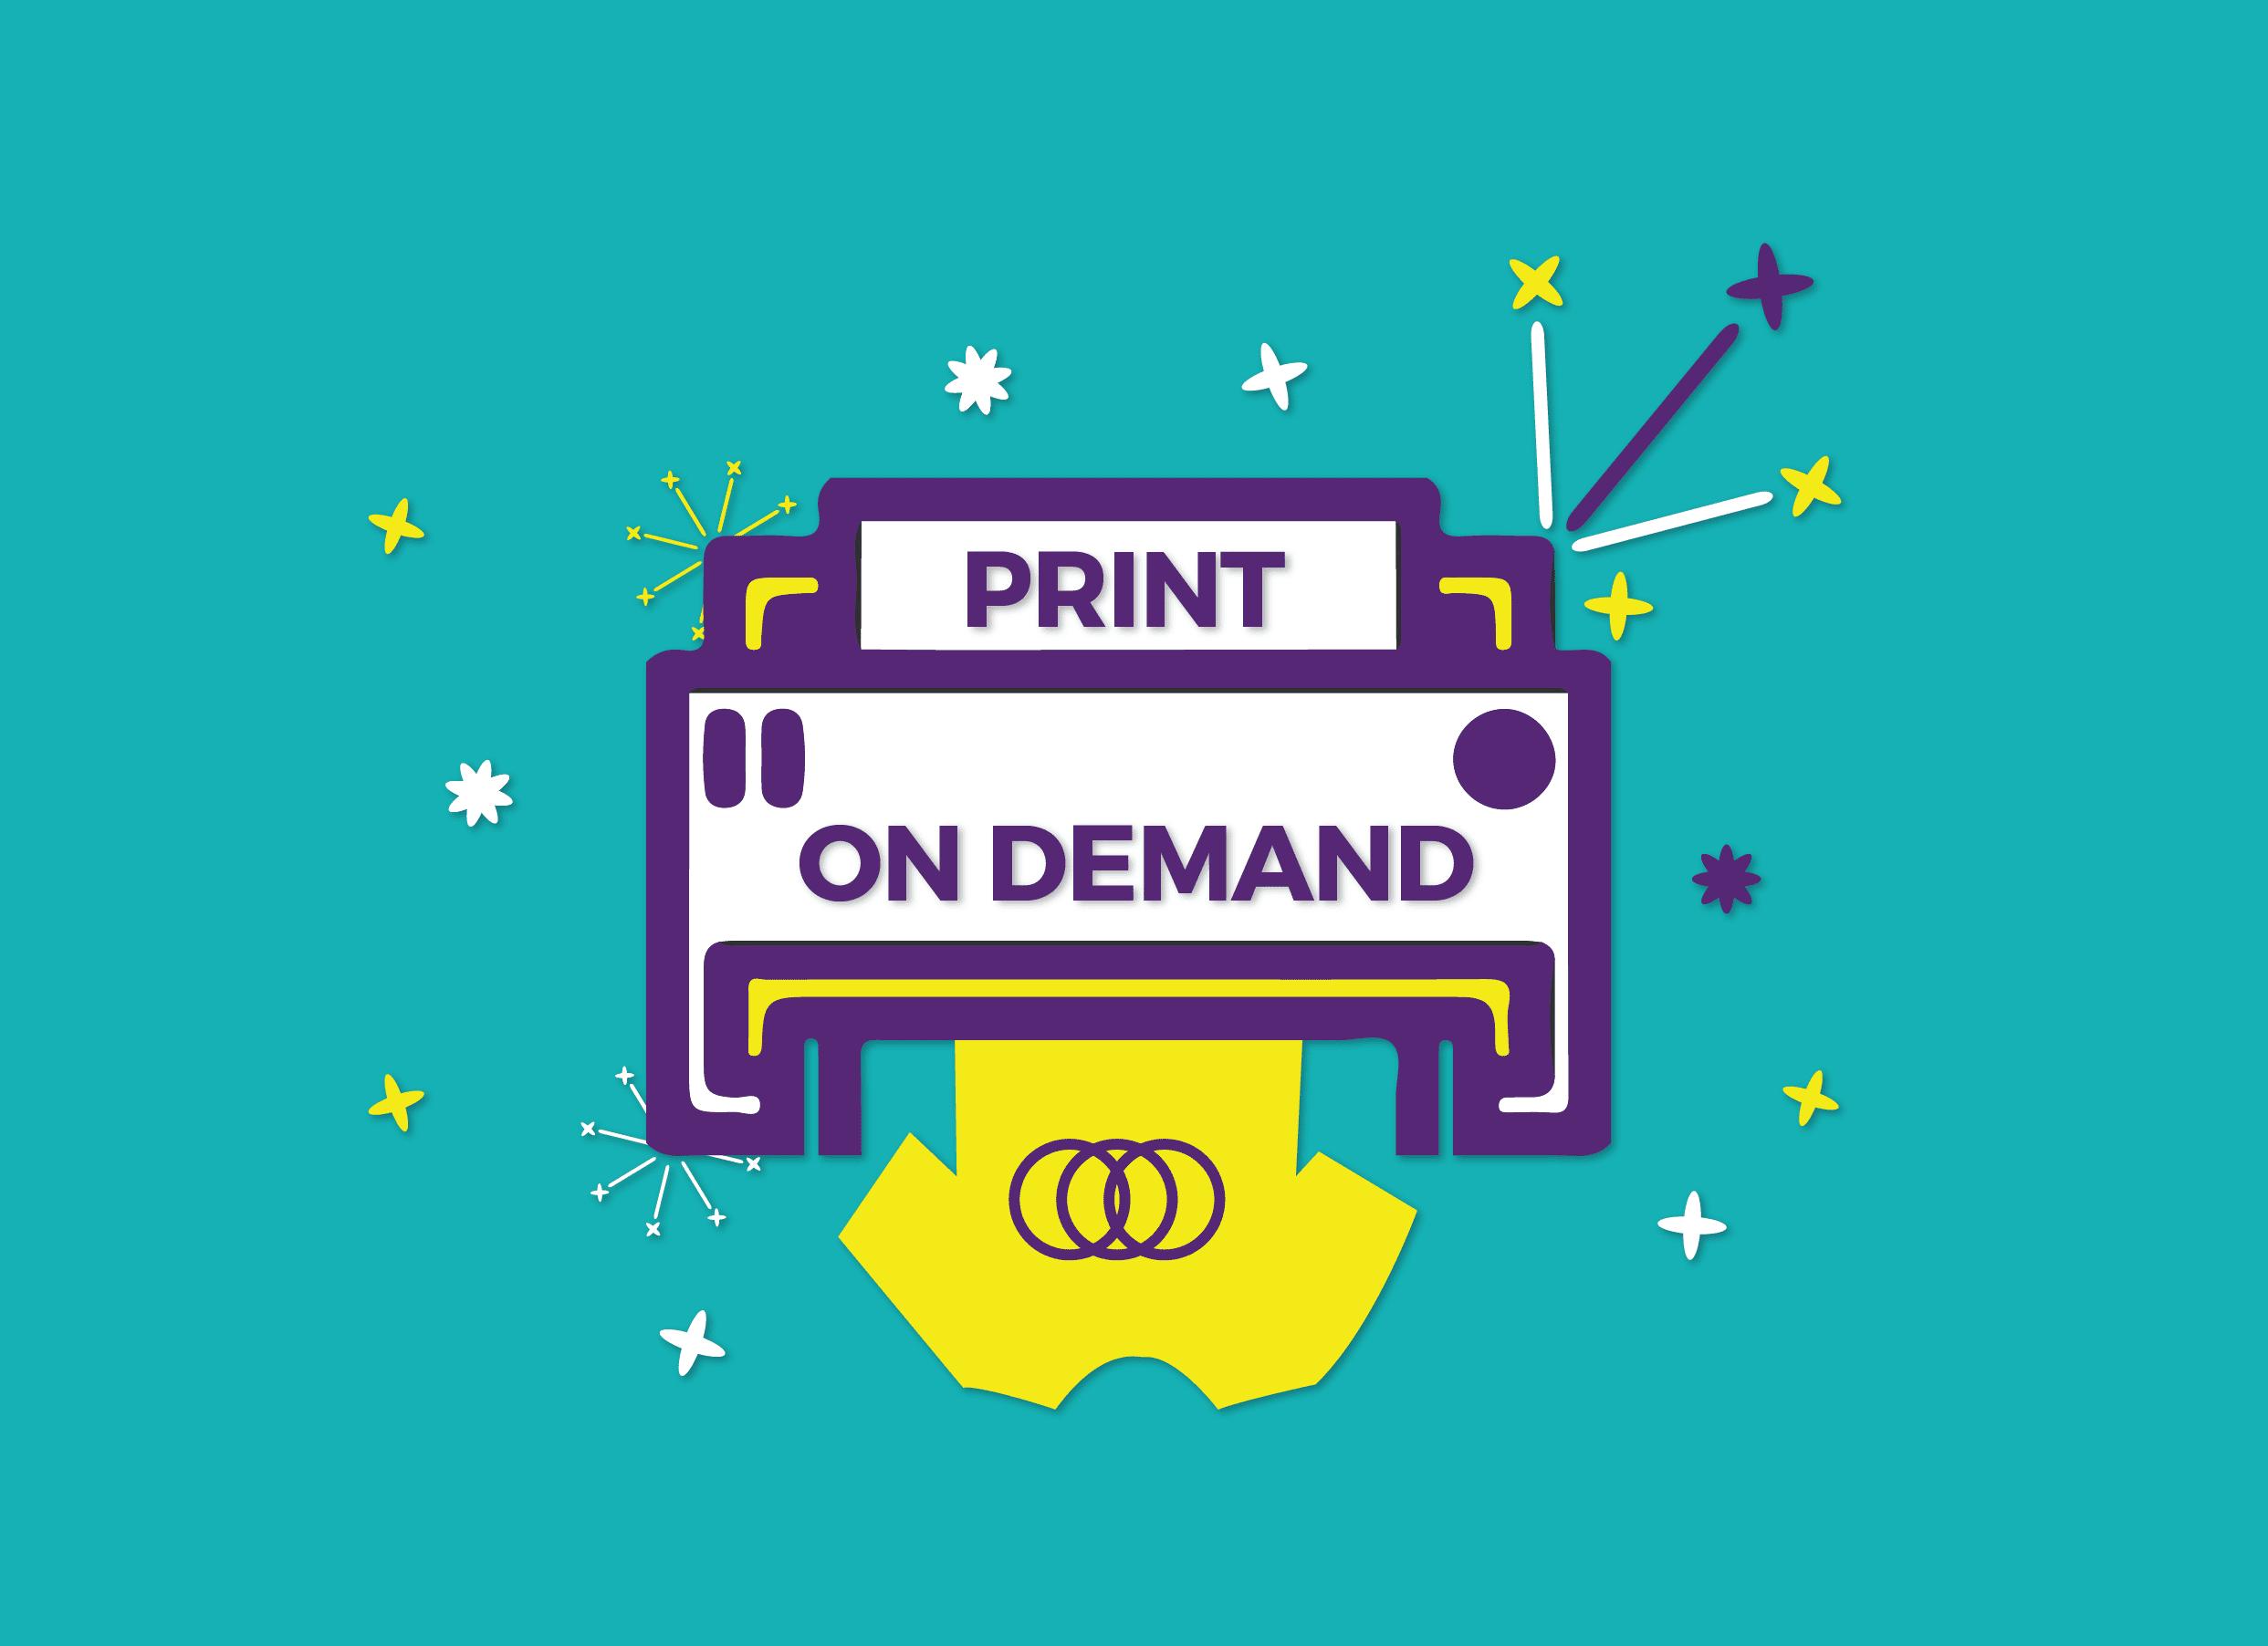 Print on demand là gì? Tầm quan trọng và cách vận hành mô hình POD này